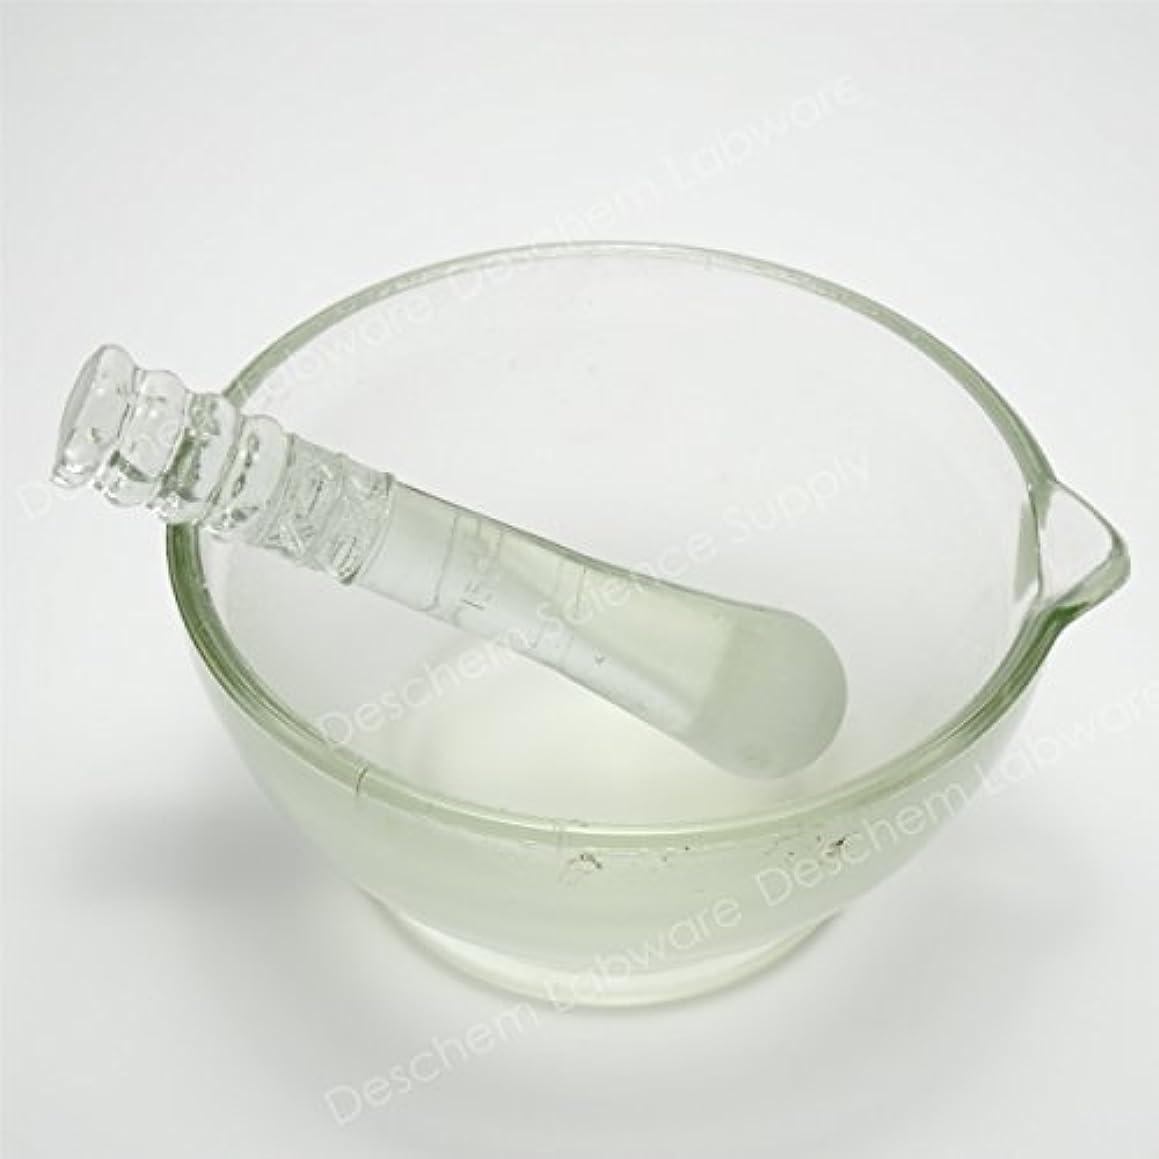 Deschem 180mm 硼珪酸ガラス 乳鉢 棒付 YB-180